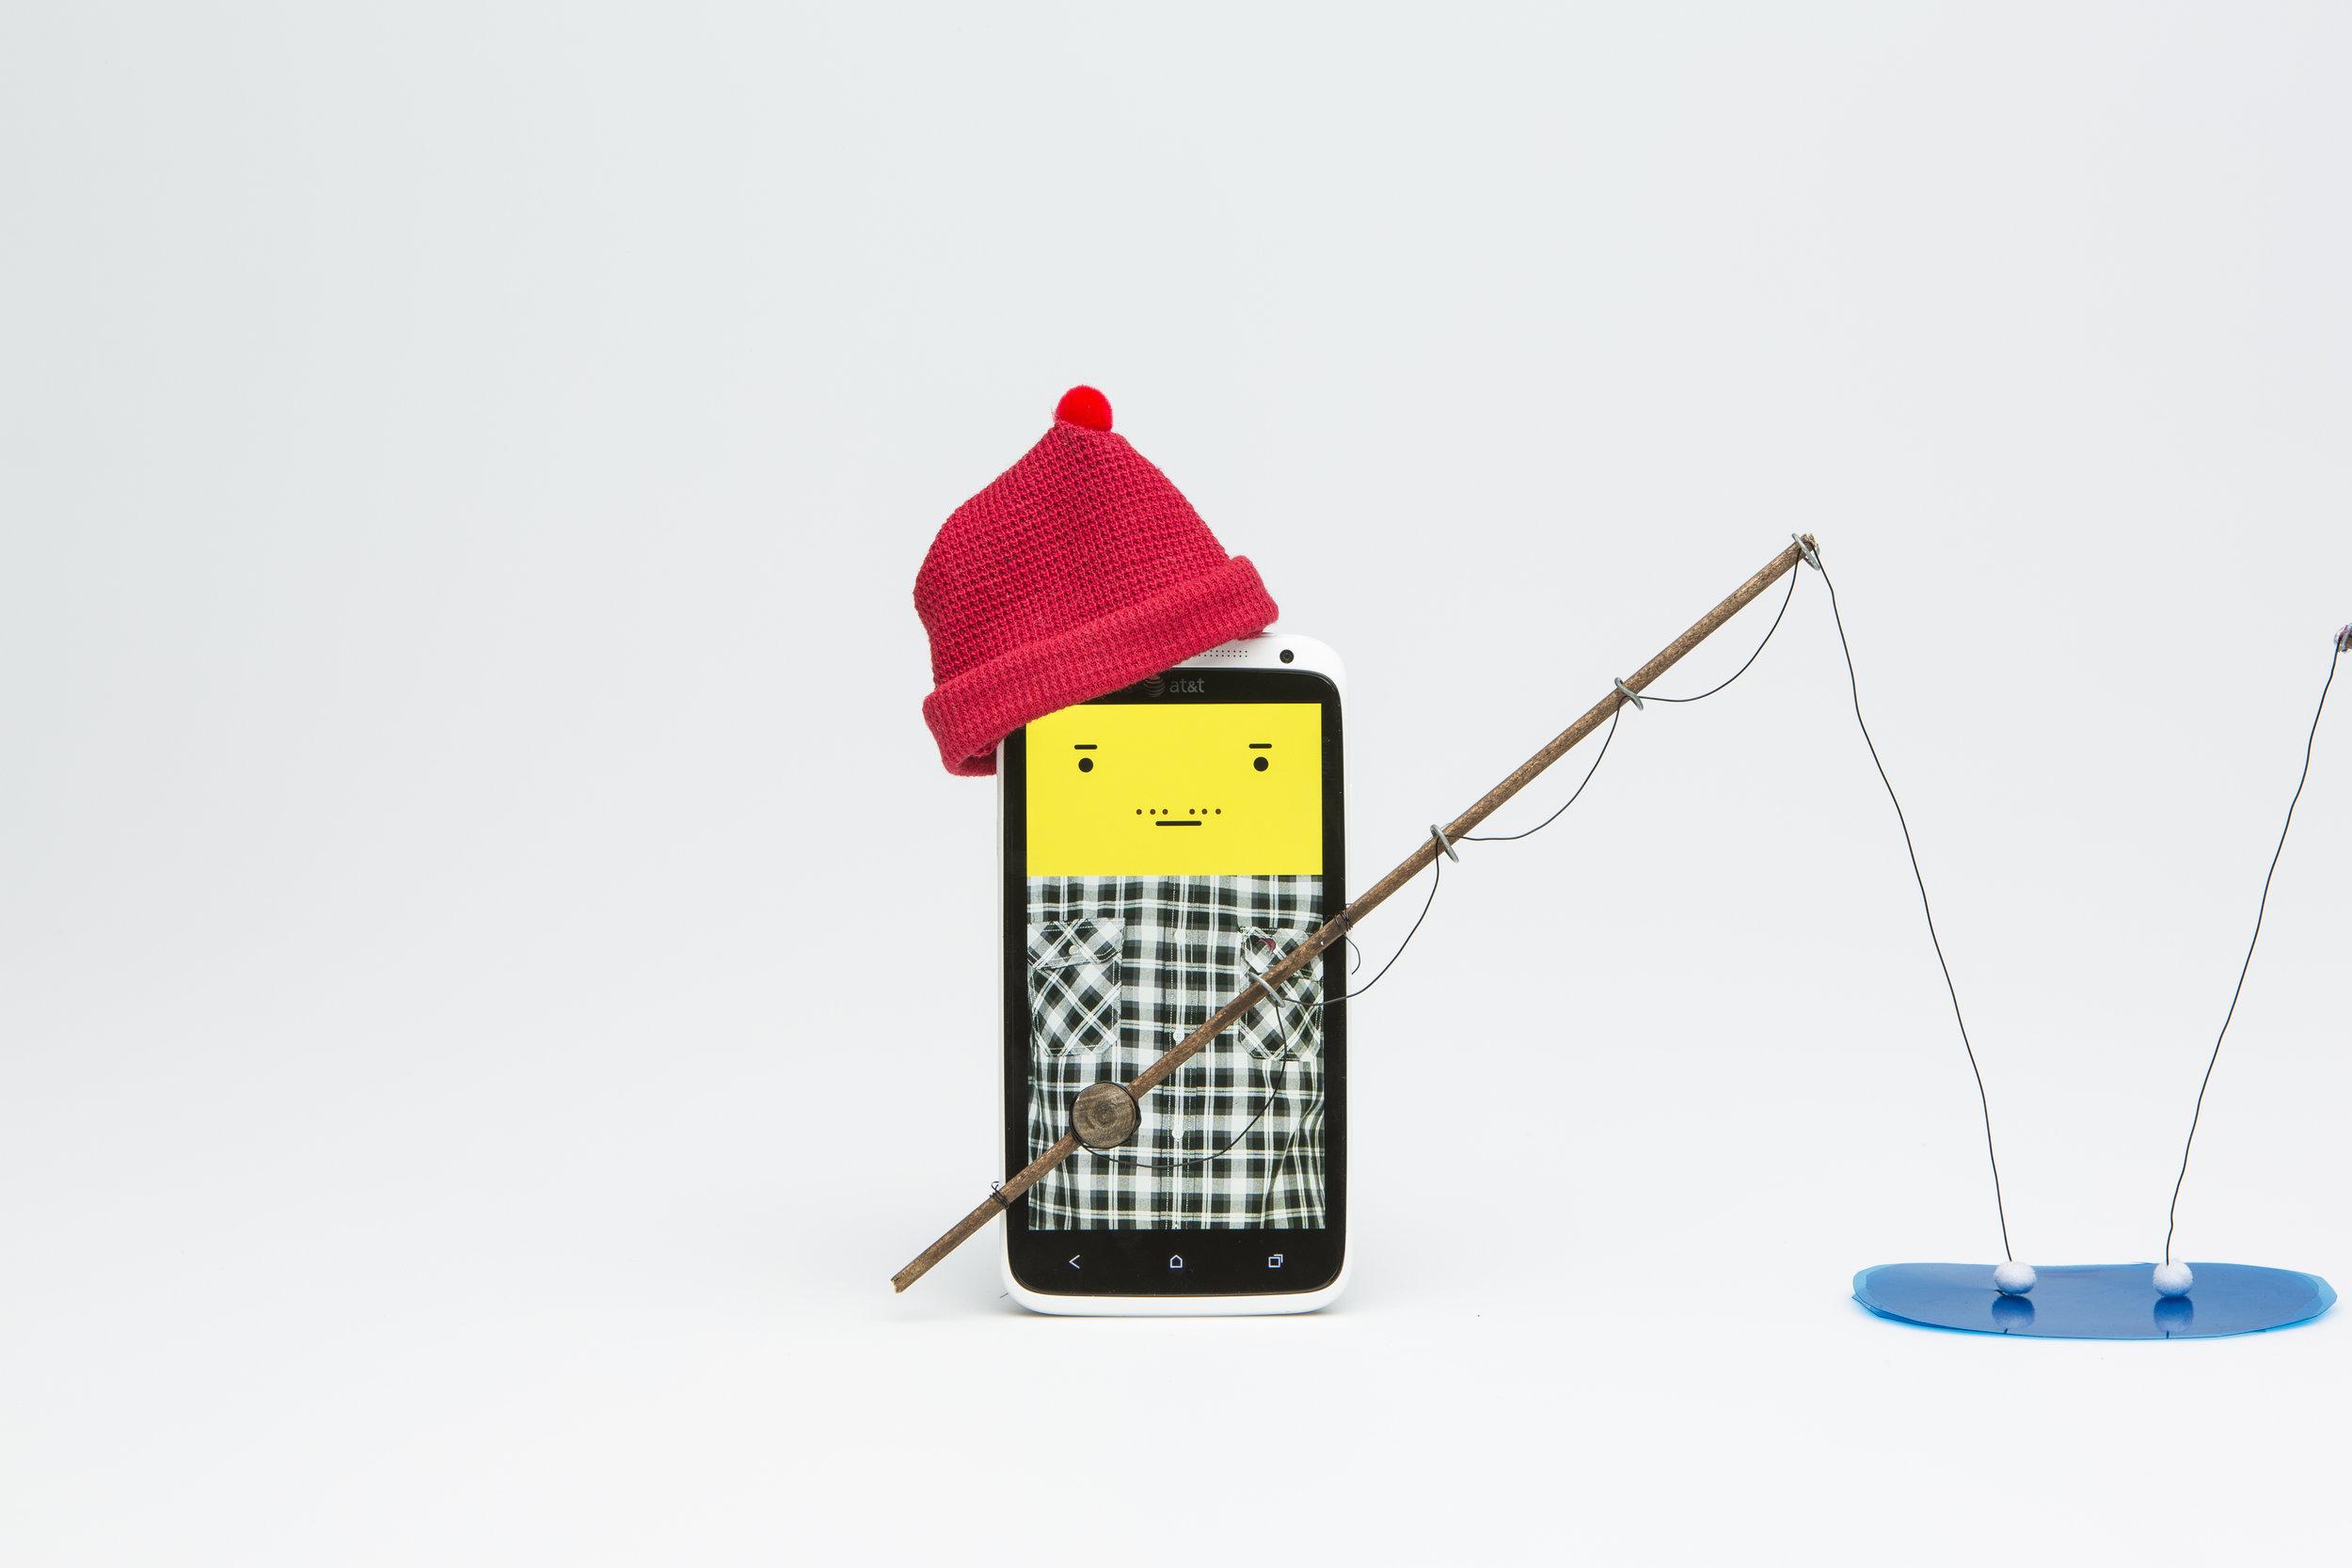 ATT-ICE FISHING-12.18.12-225.jpg